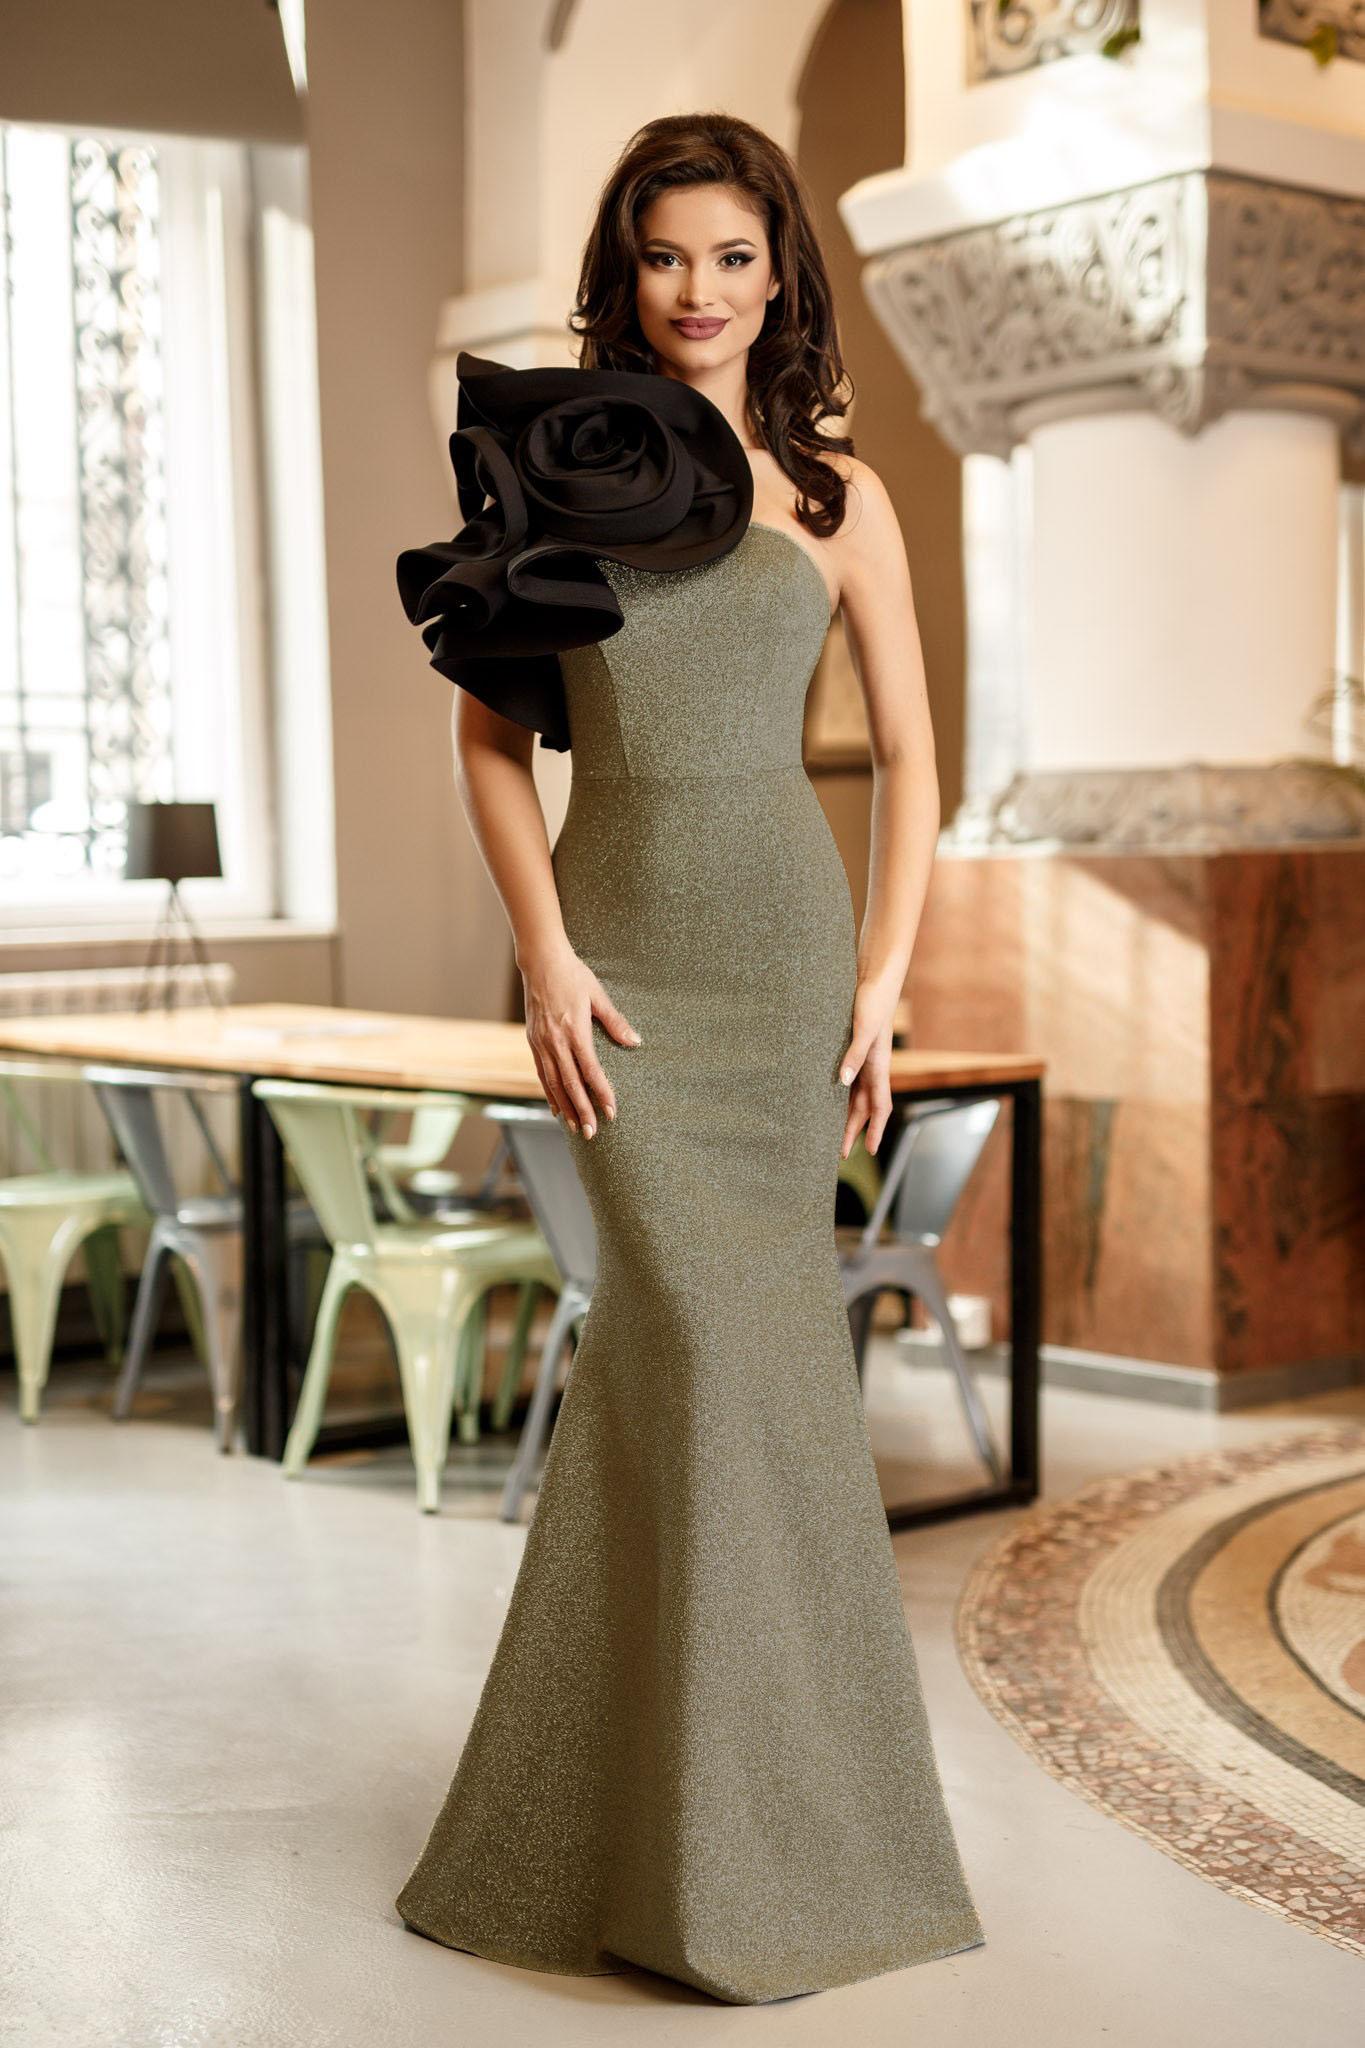 Rochie Fabulous Aurie